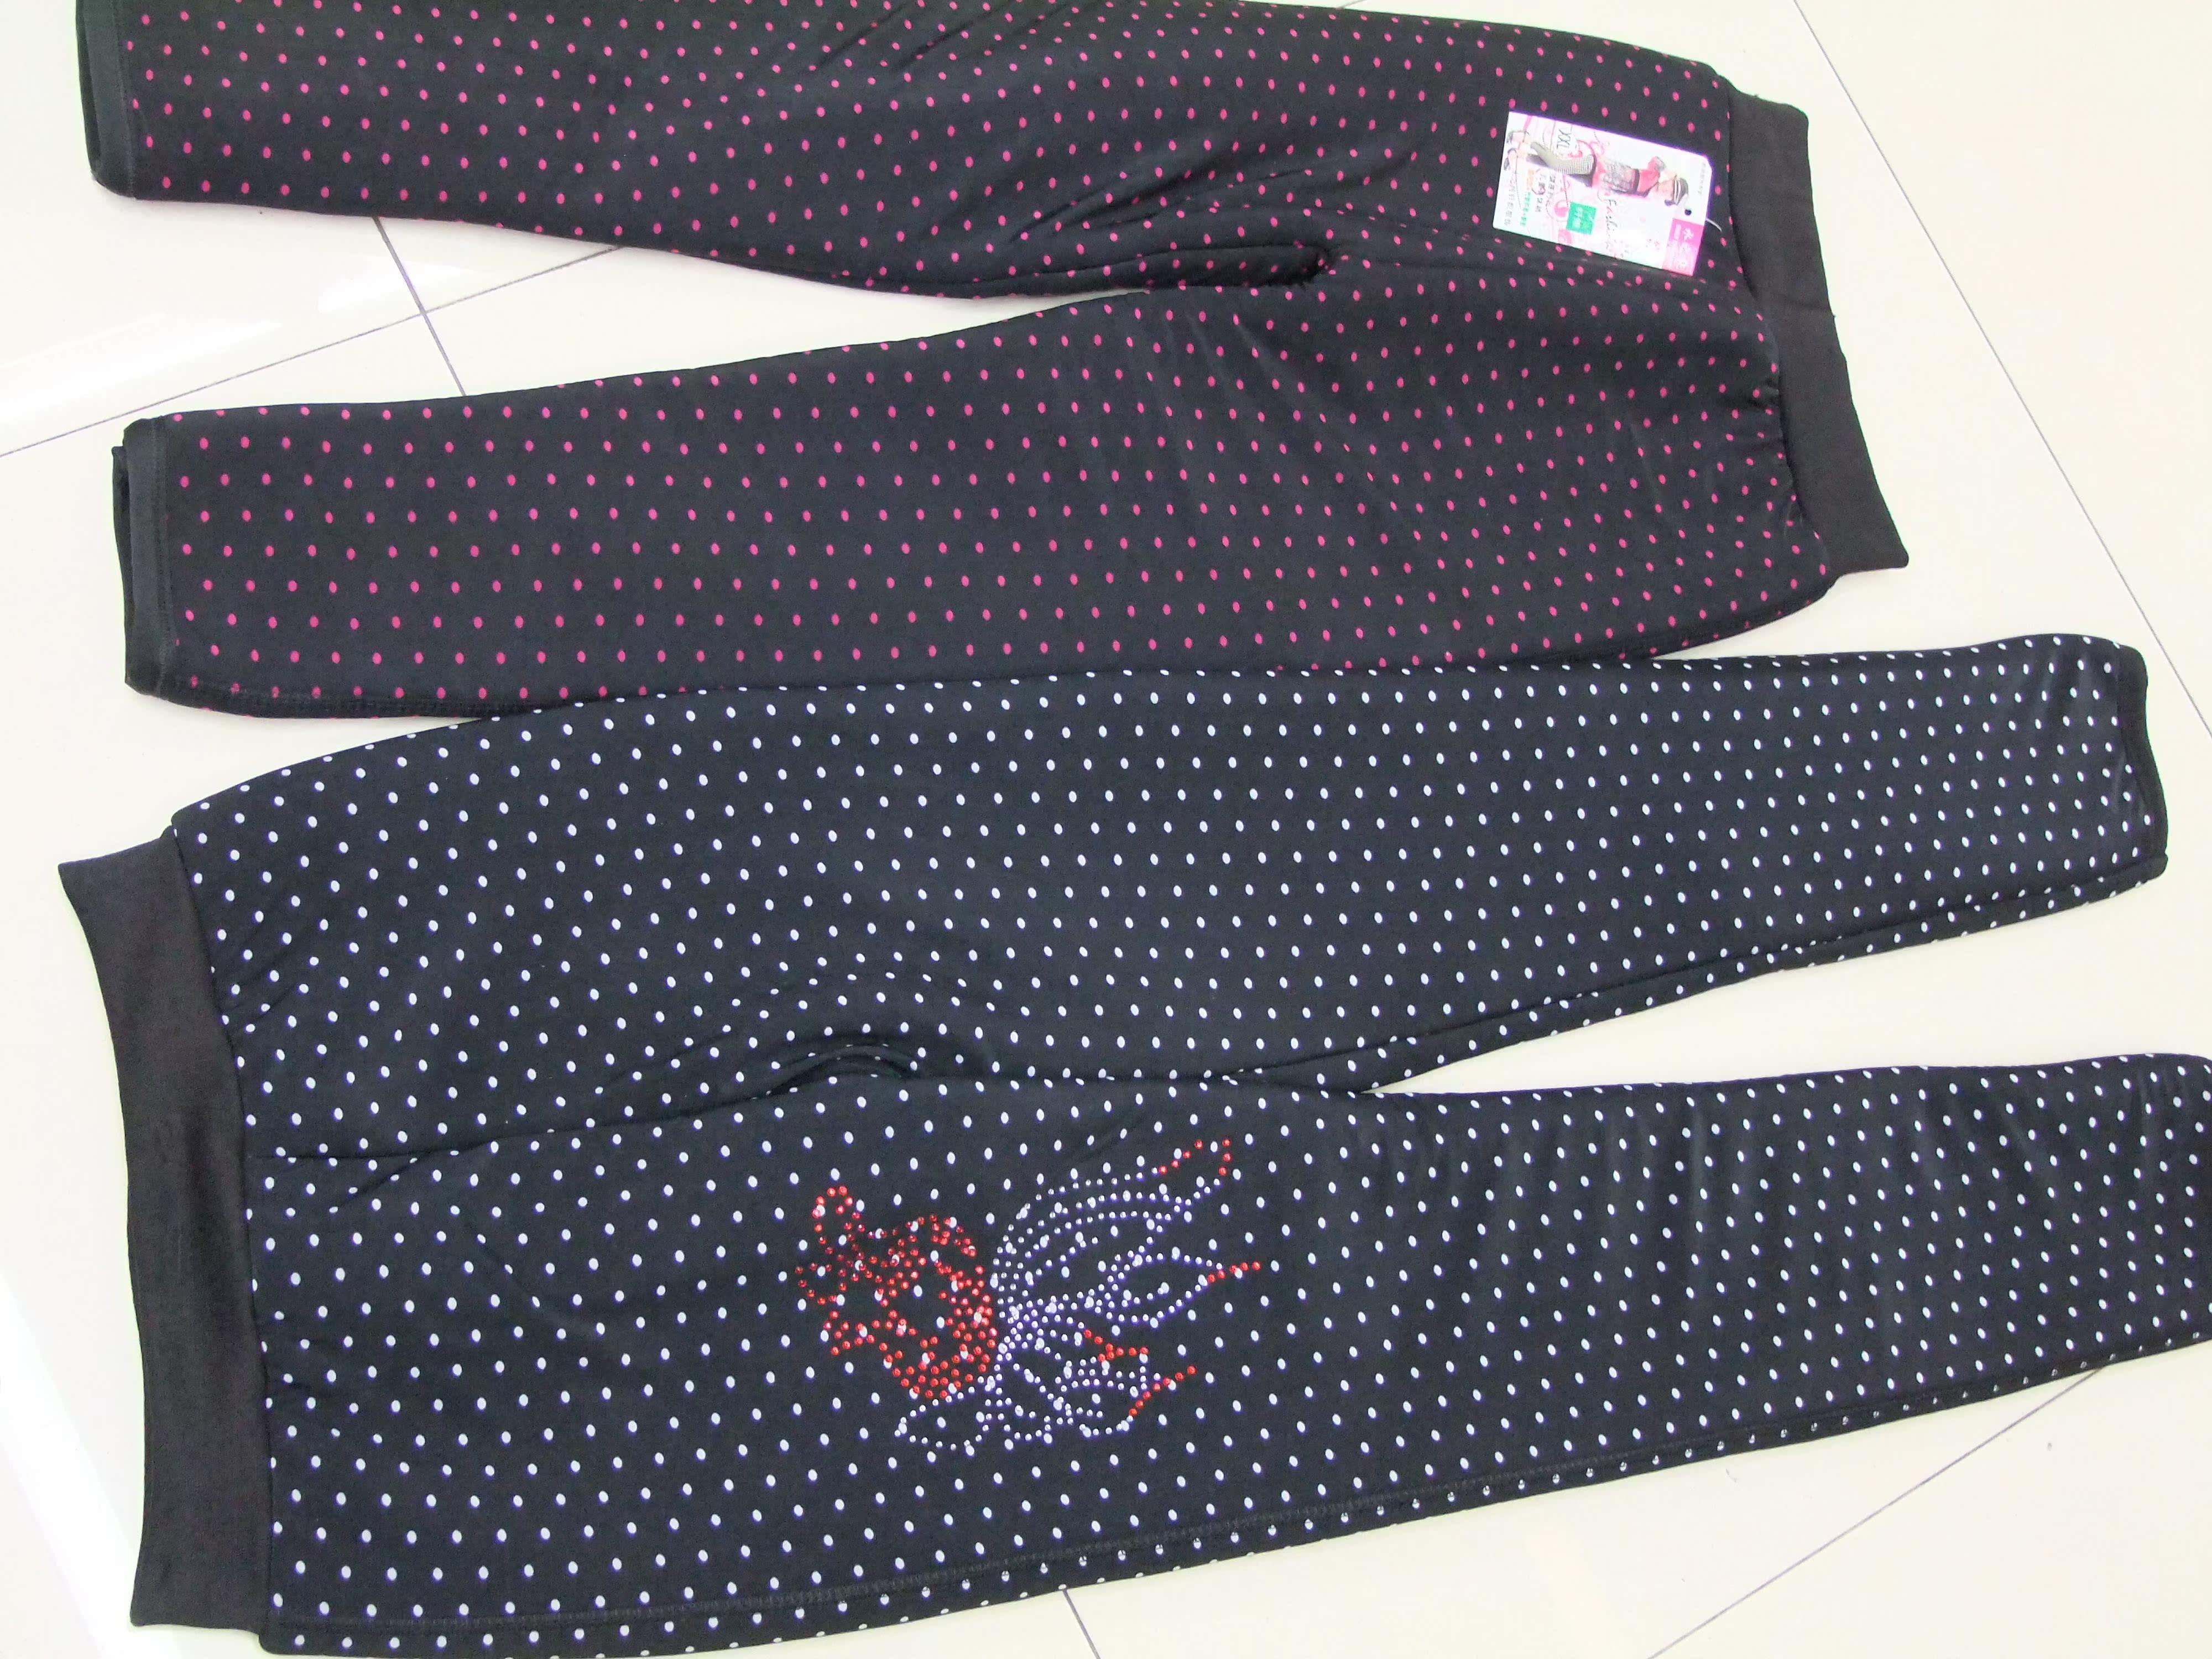 Женские утепленные штаны Дети не подпадают в теплые штаны, 126 пакетов